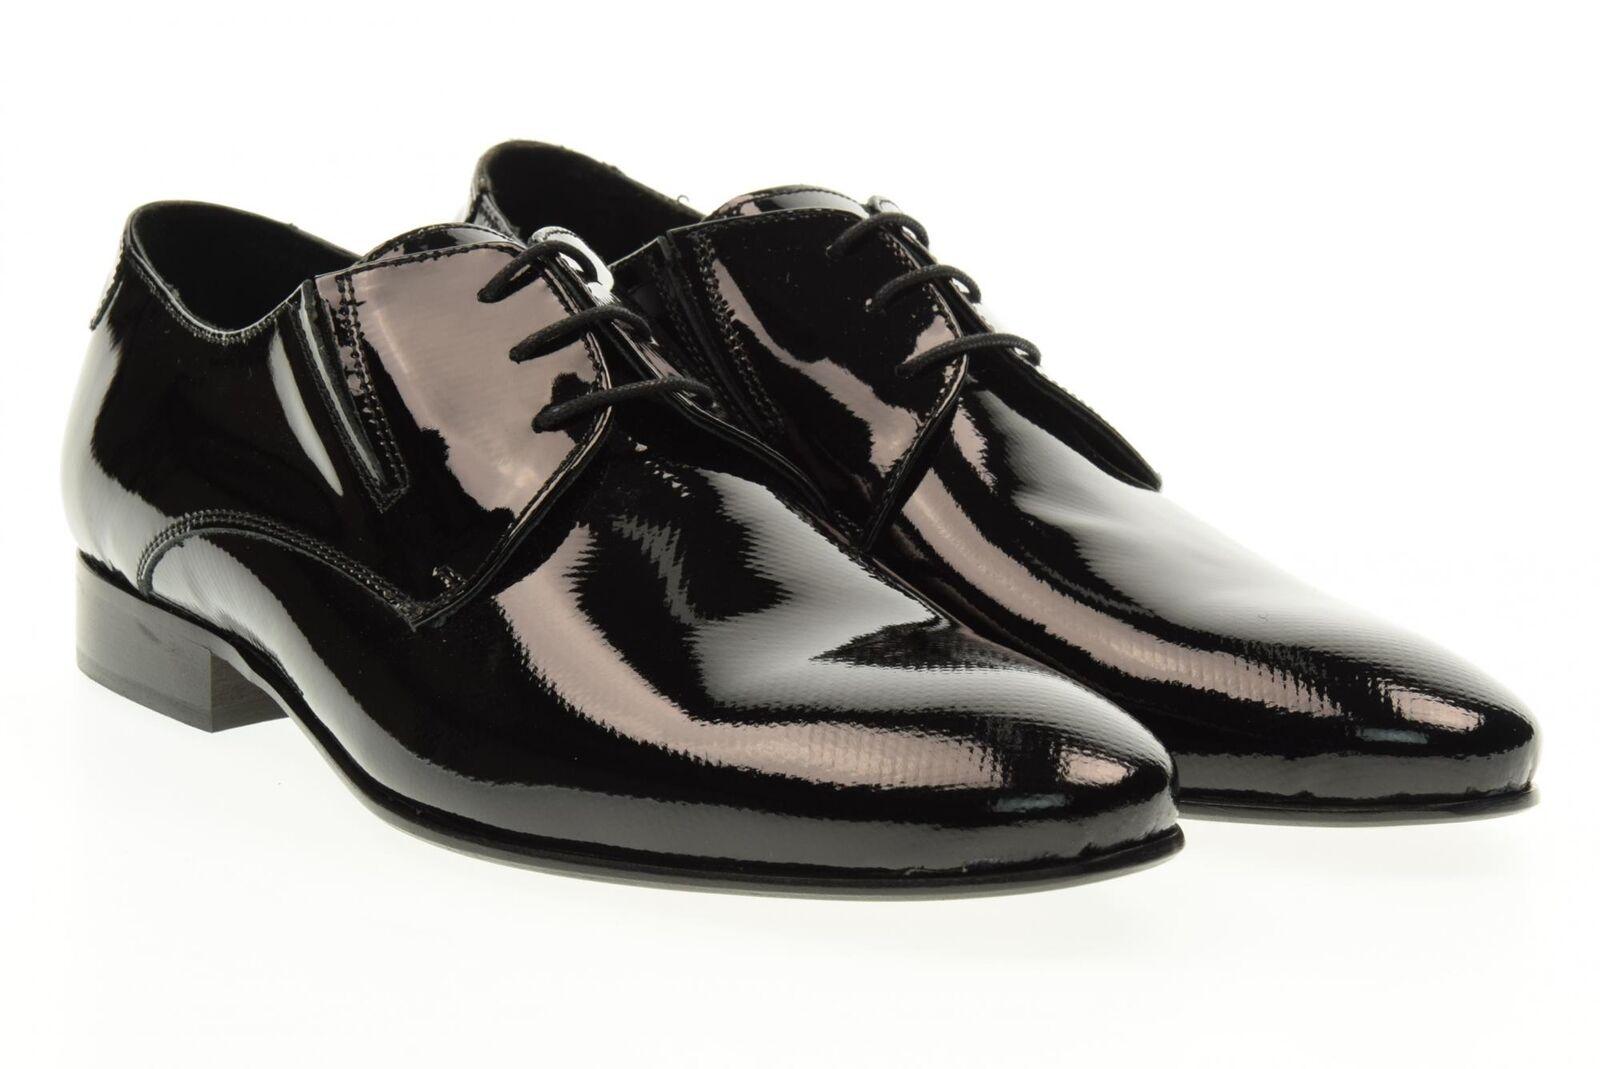 Eveet P17us 16510 MASON Cuerda Para Hombres Zapatos